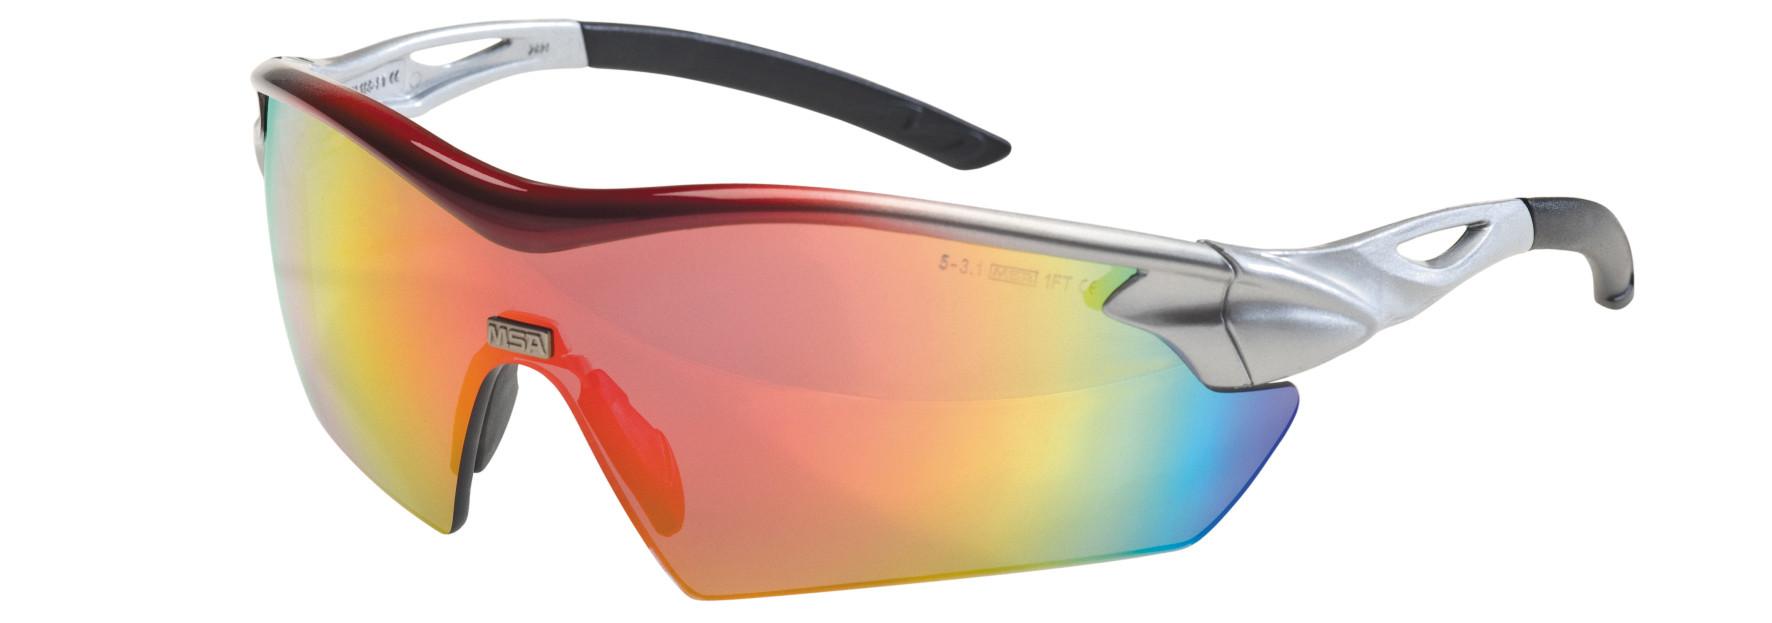 12ST MSA Veiligheidsbril Racers regenboog spiegellens